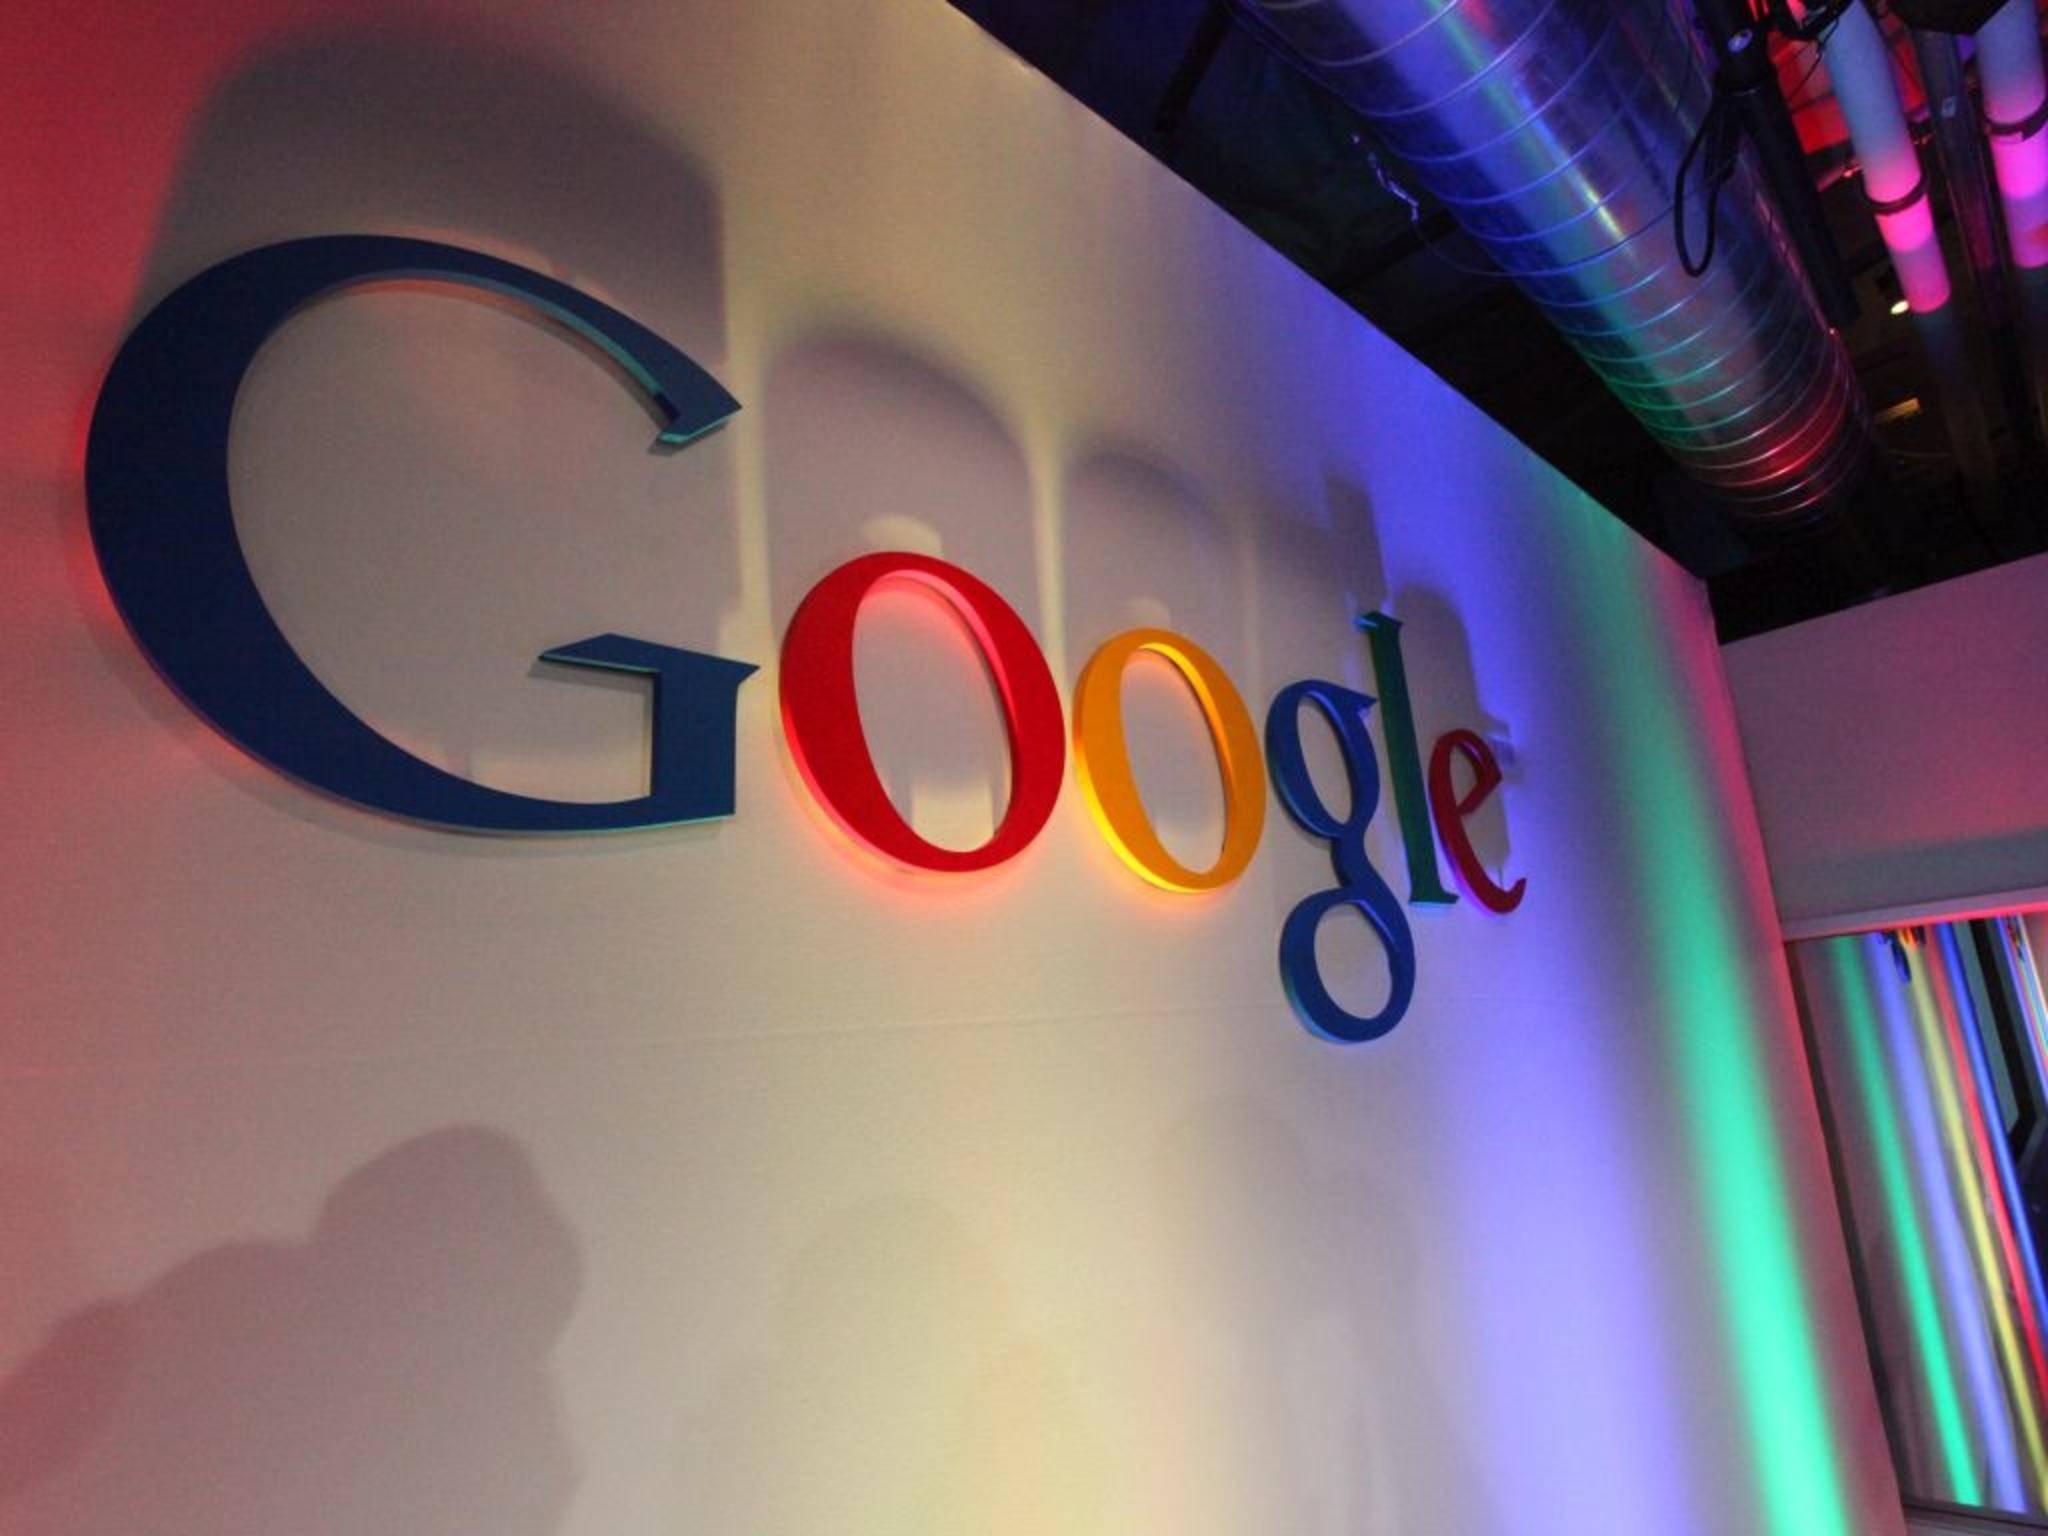 Einmal gelöscht, kann das Google-Konto nur kurze Zeit wiederhergestellt werden.